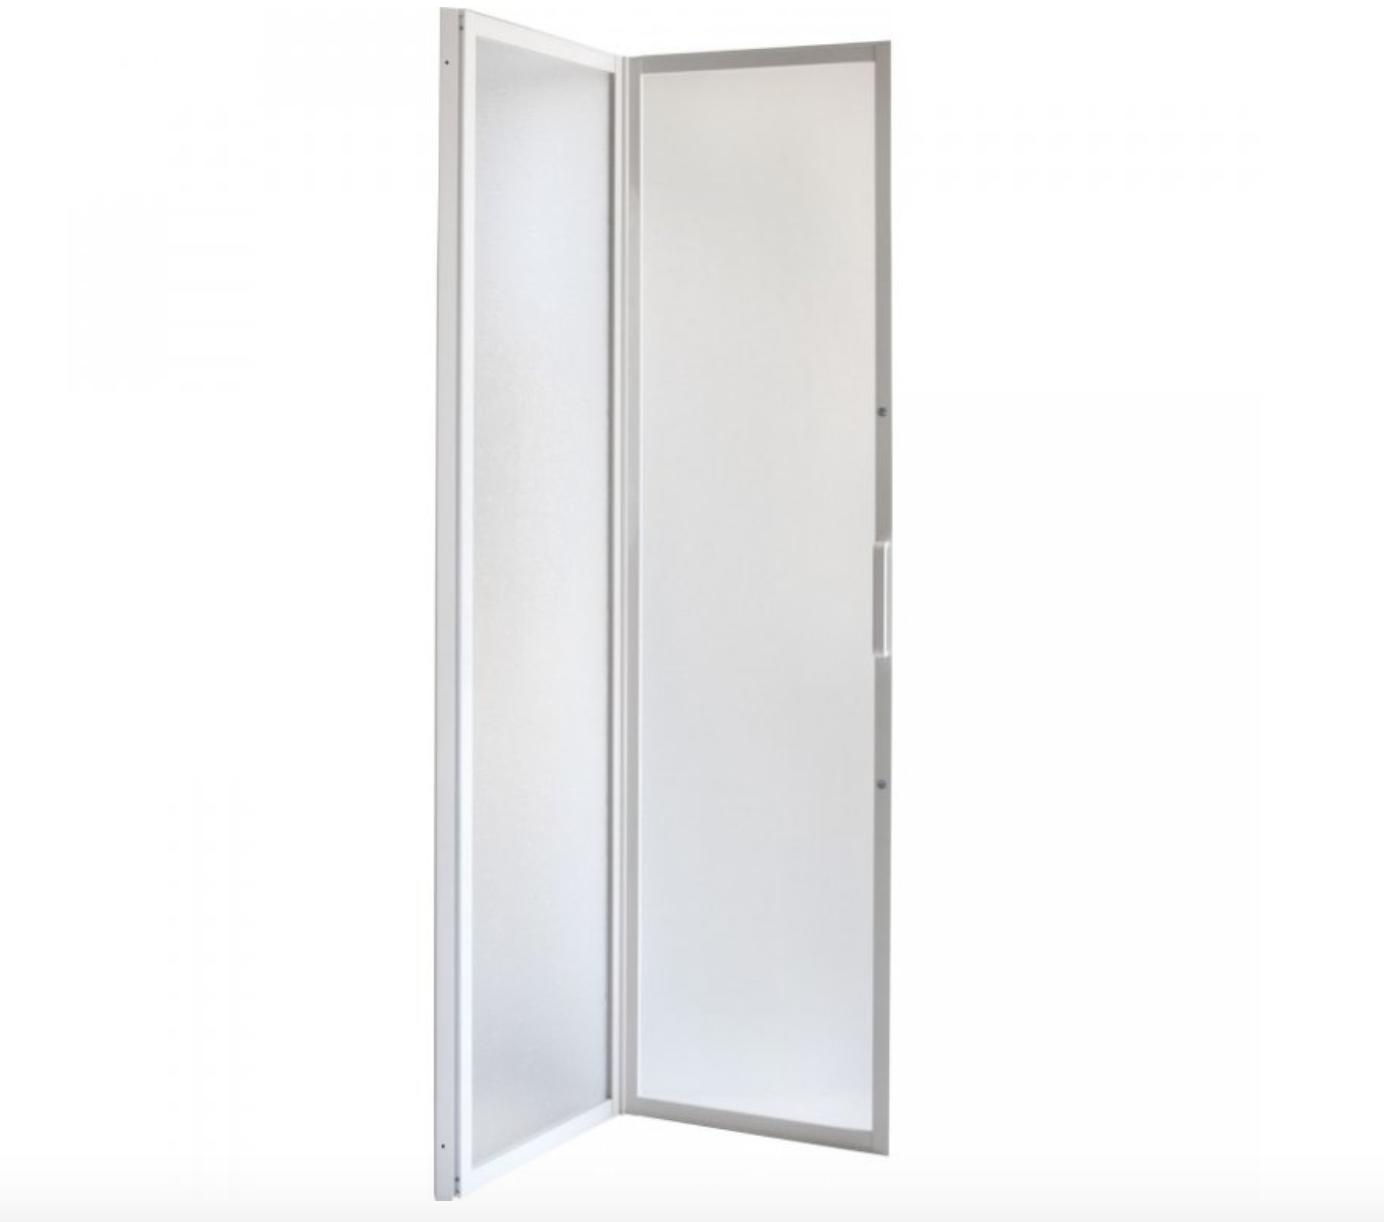 Zalamovací sprchové dveře do niky